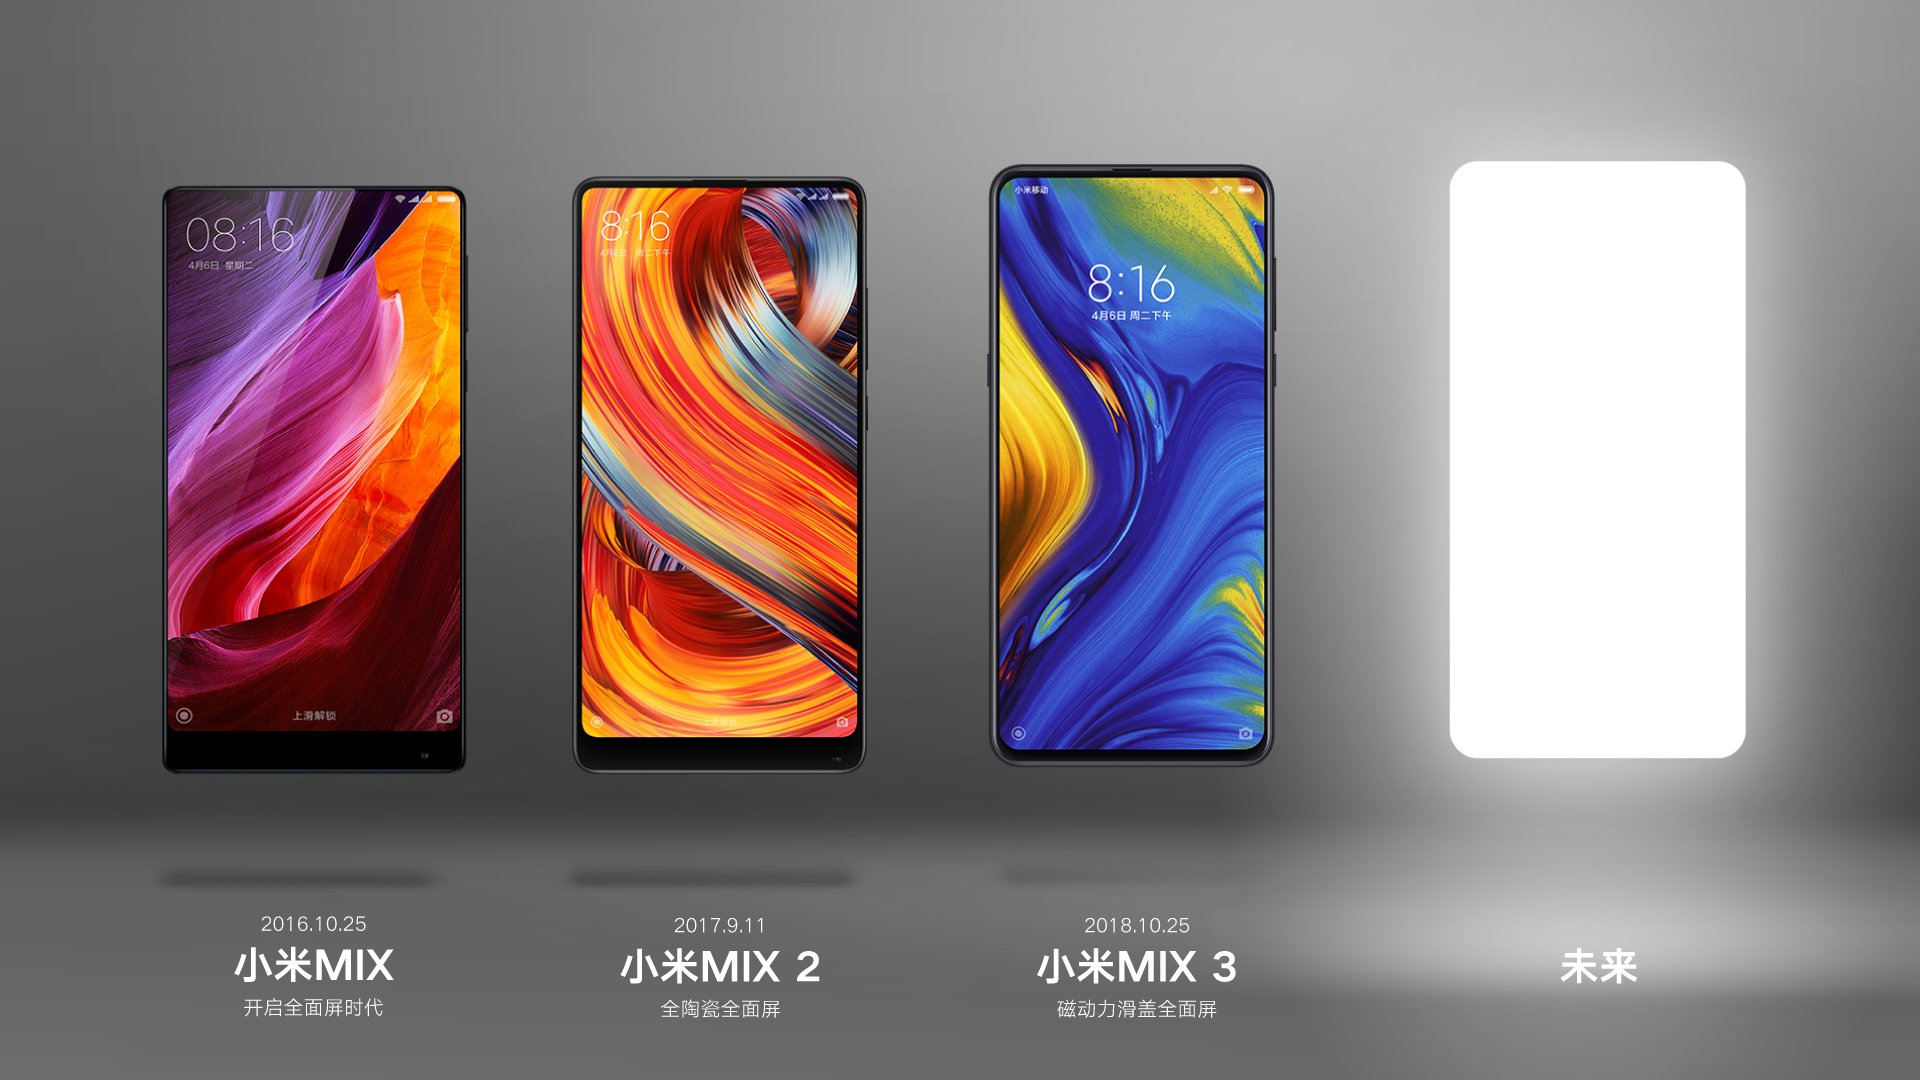 Xiaomi Mix 4 Poster